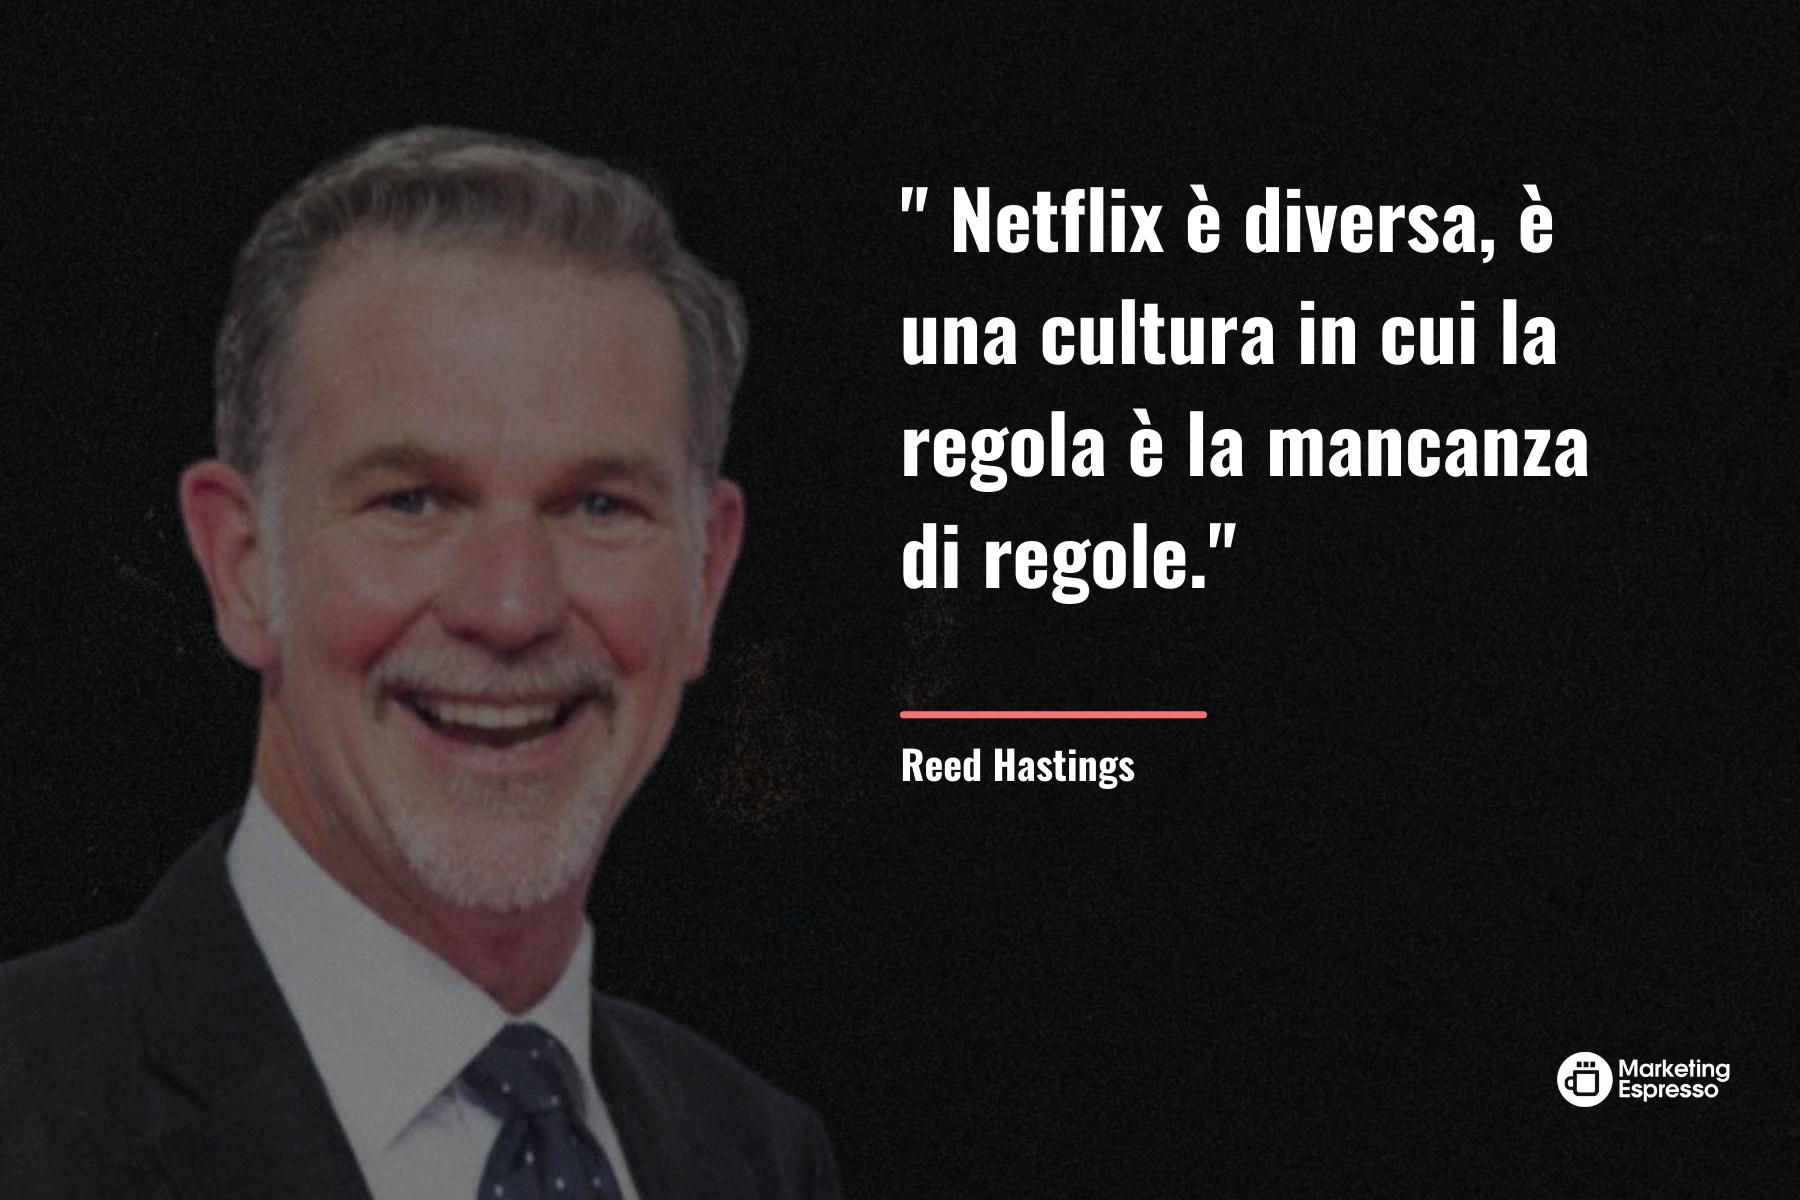 Netflix è diversa, è una cultura in cui la regola è l'assenza di regole.